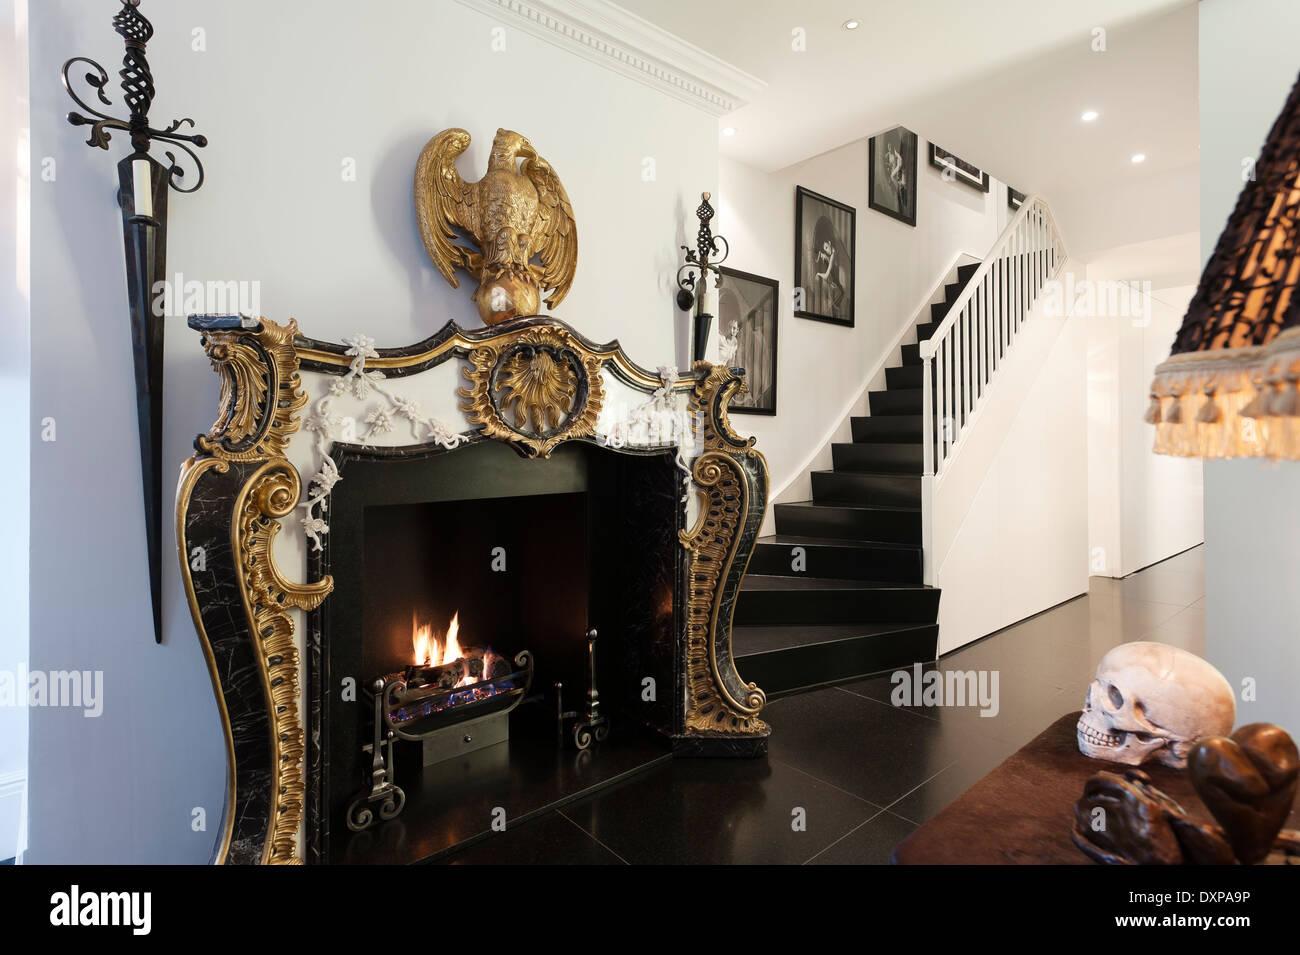 Impero dorato caminetto in stile da nicholas haslam in corridoio